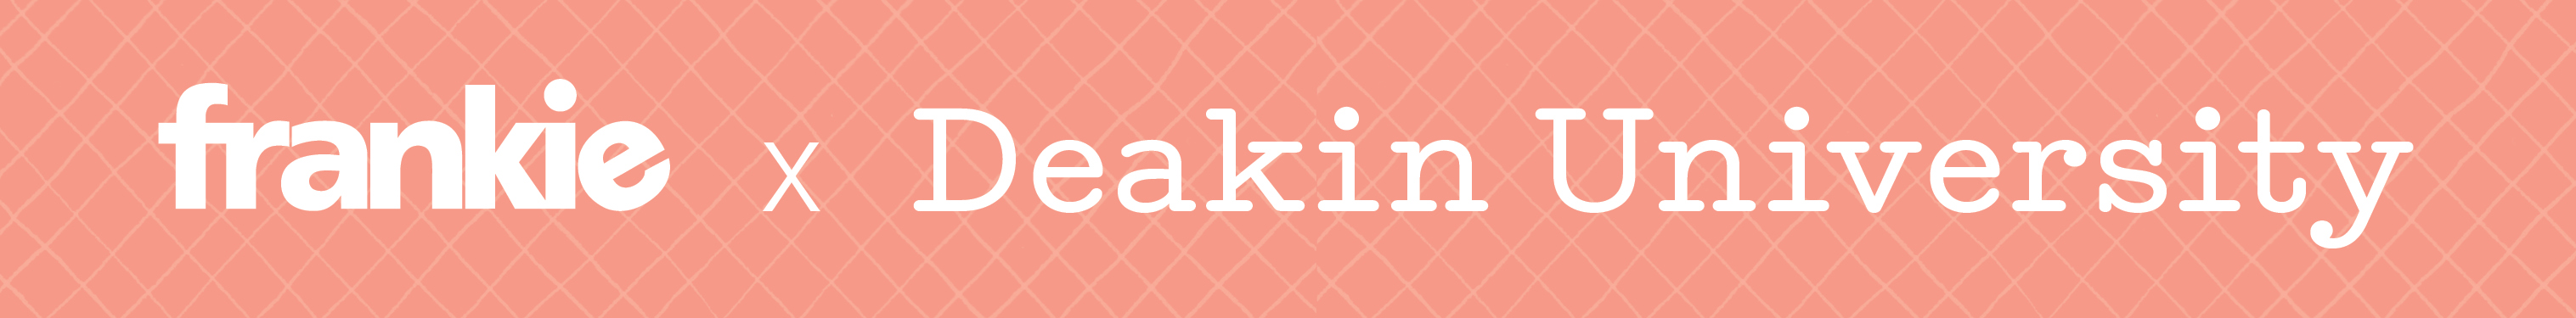 frankie x Deakin University